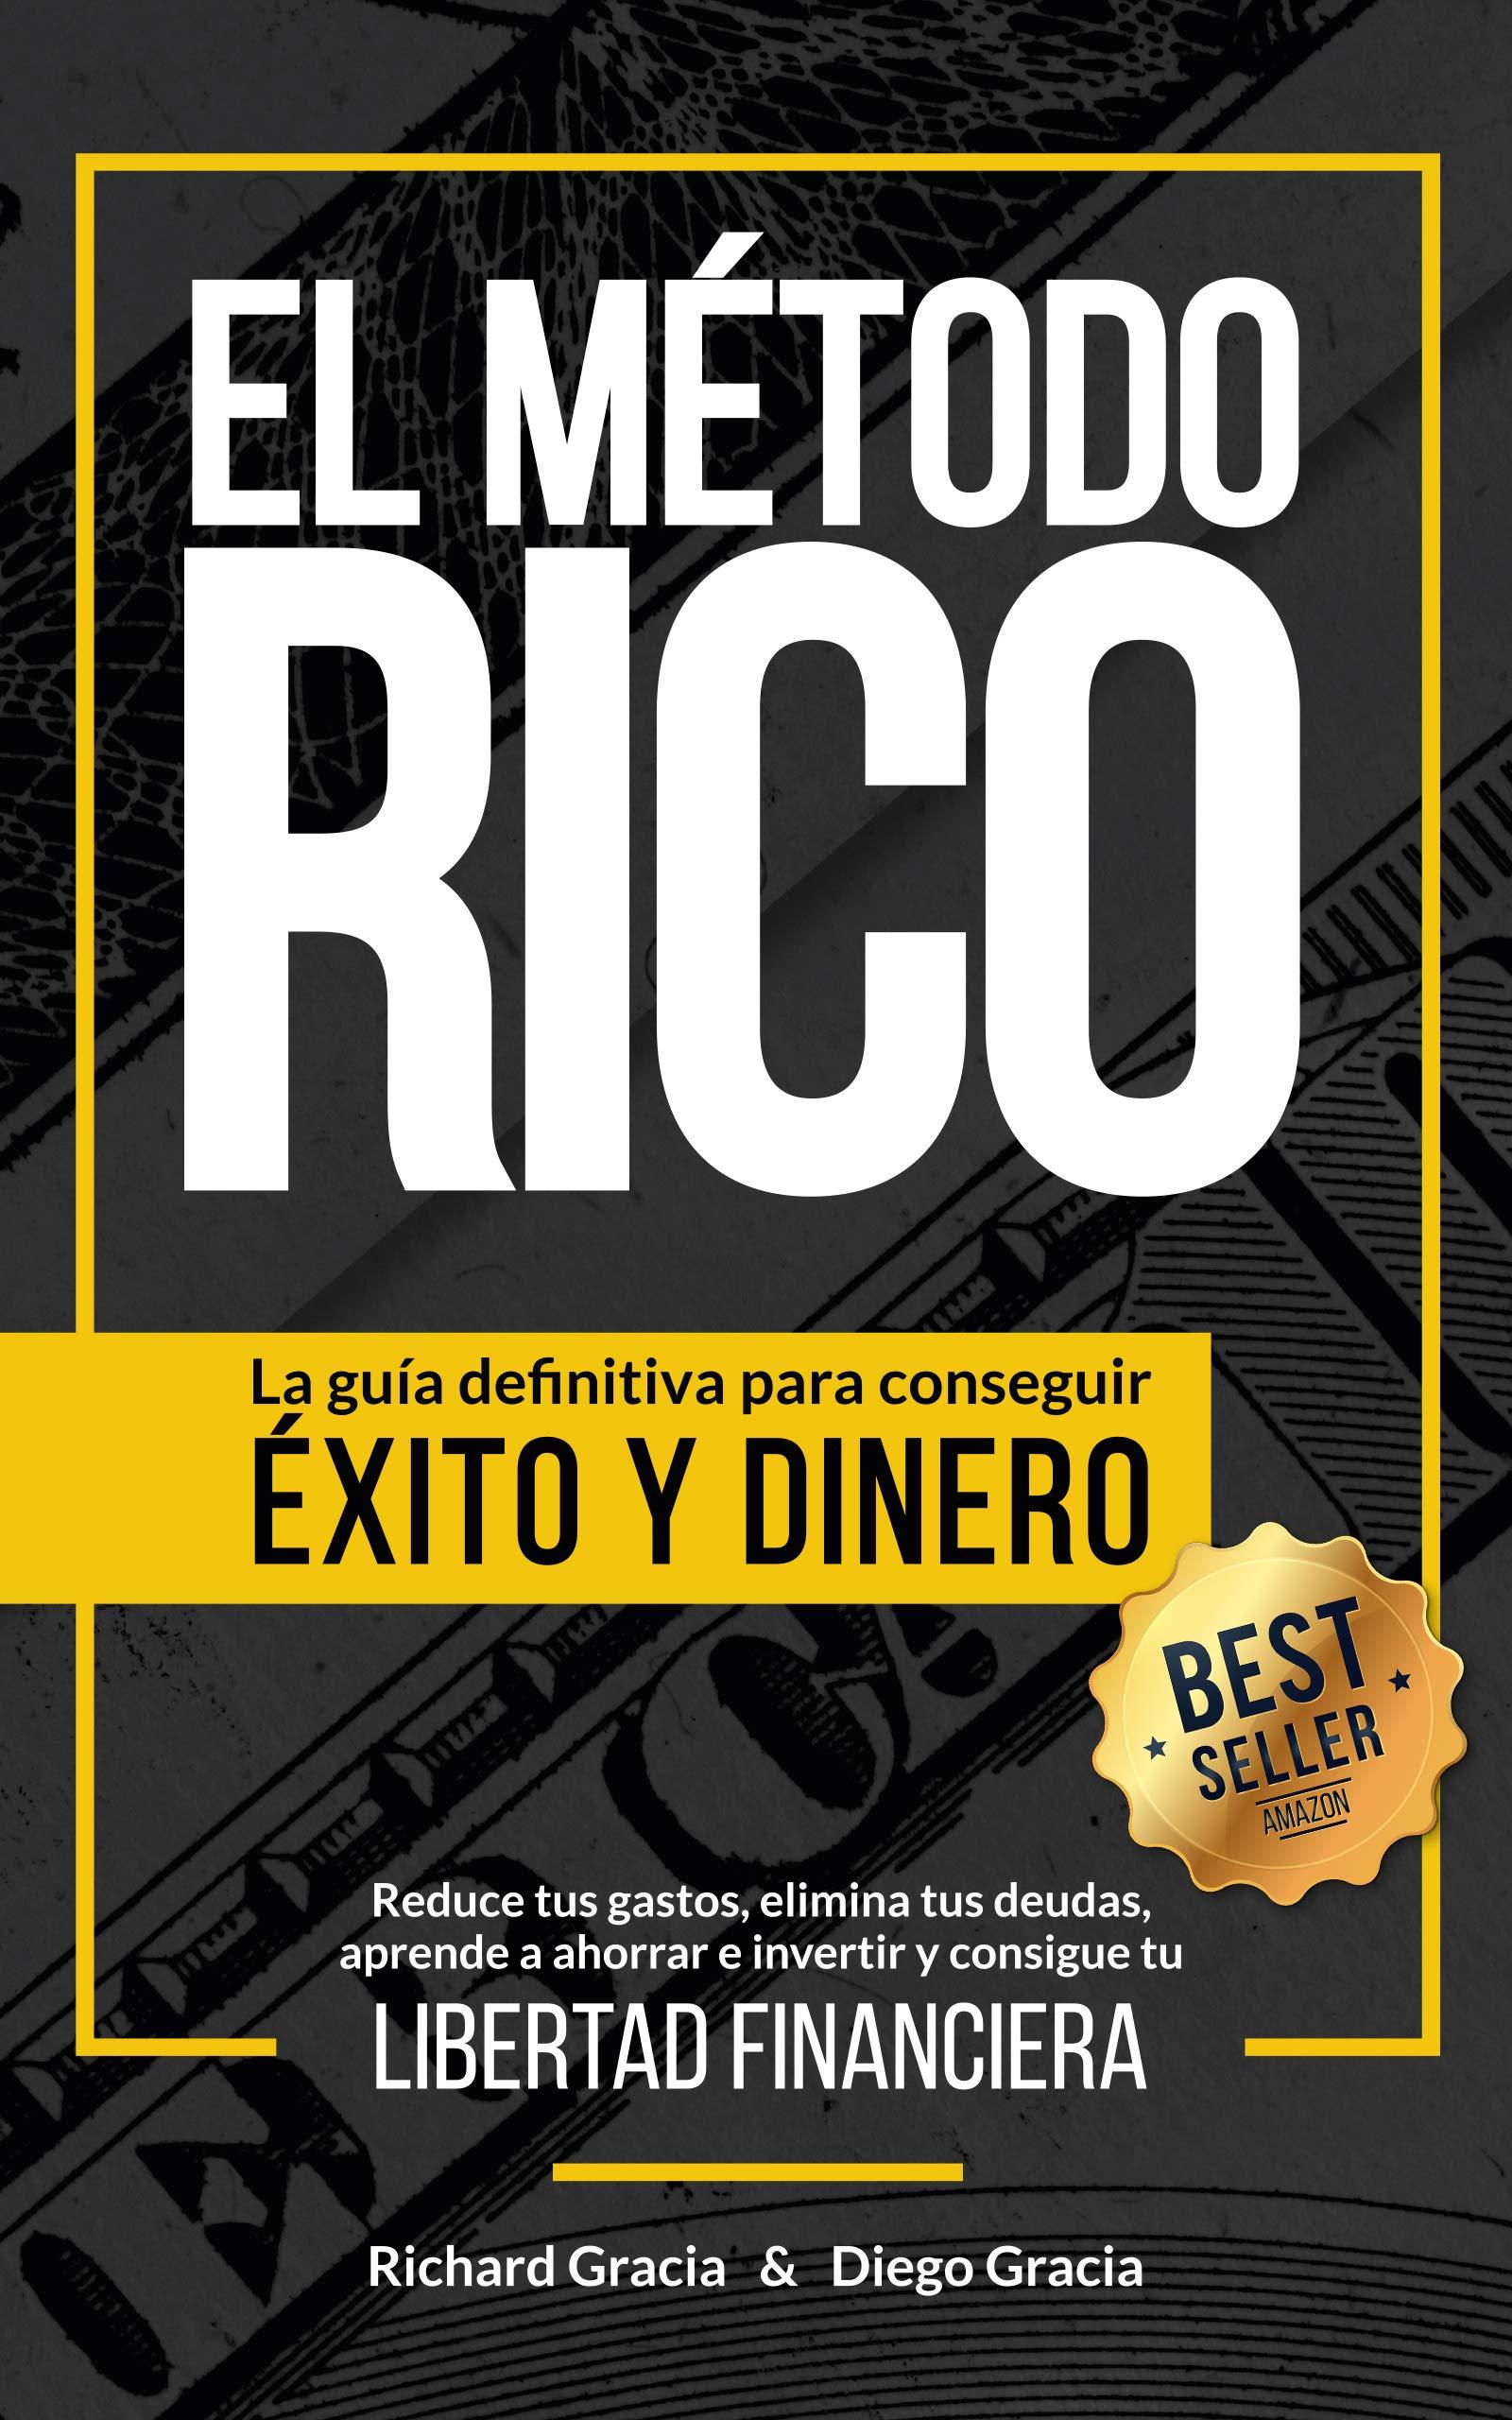 El Método RICO: La guía definitiva para conseguir ÉXITO y DINERO. Reduce tus gastos, elimina tus deudas, aprende a ahorrar e invertir y alcanza tu LIBERTAD FINANCIERA. por Richard Gracia